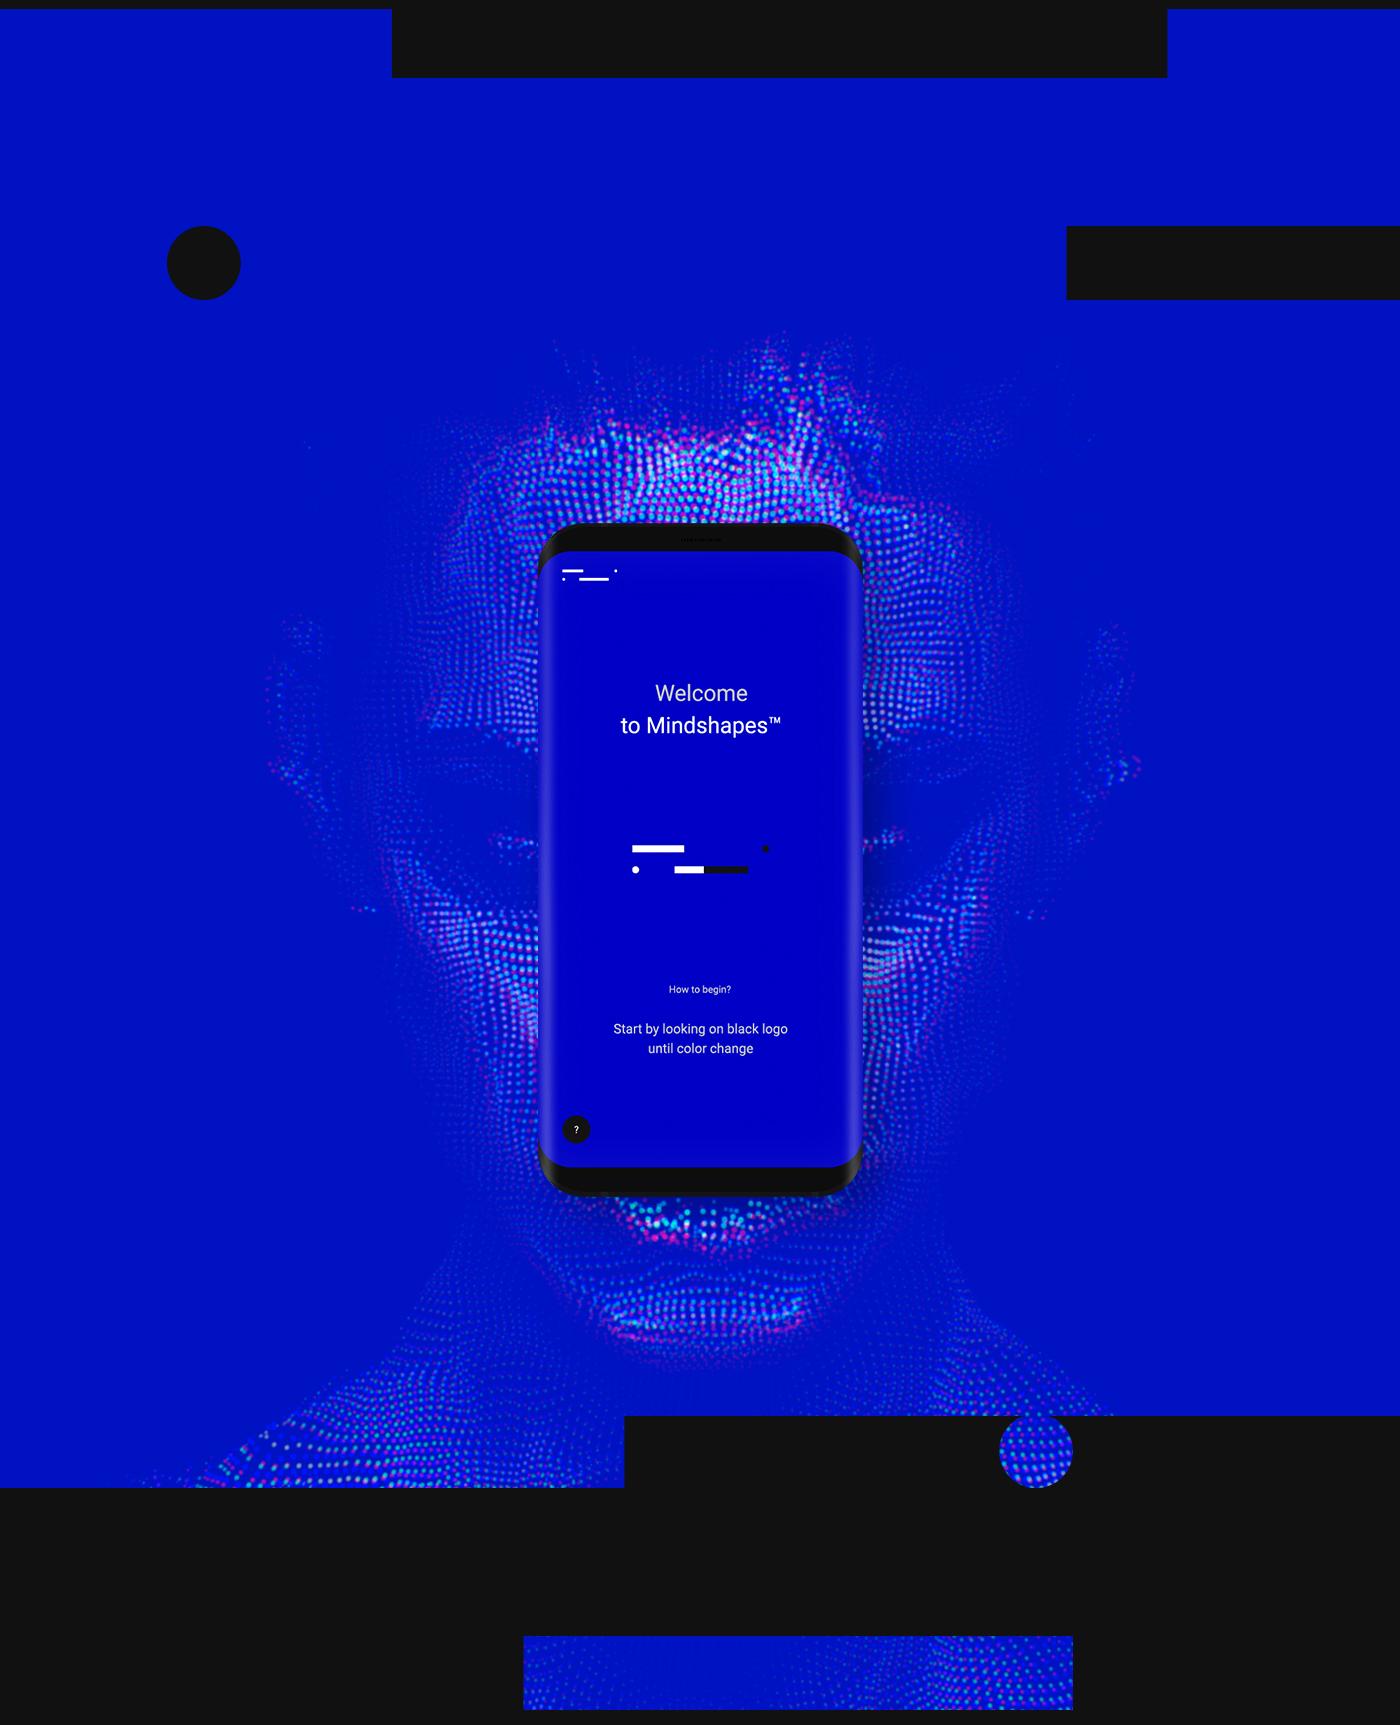 Web Design & UI/UX: MindshapesT Concept